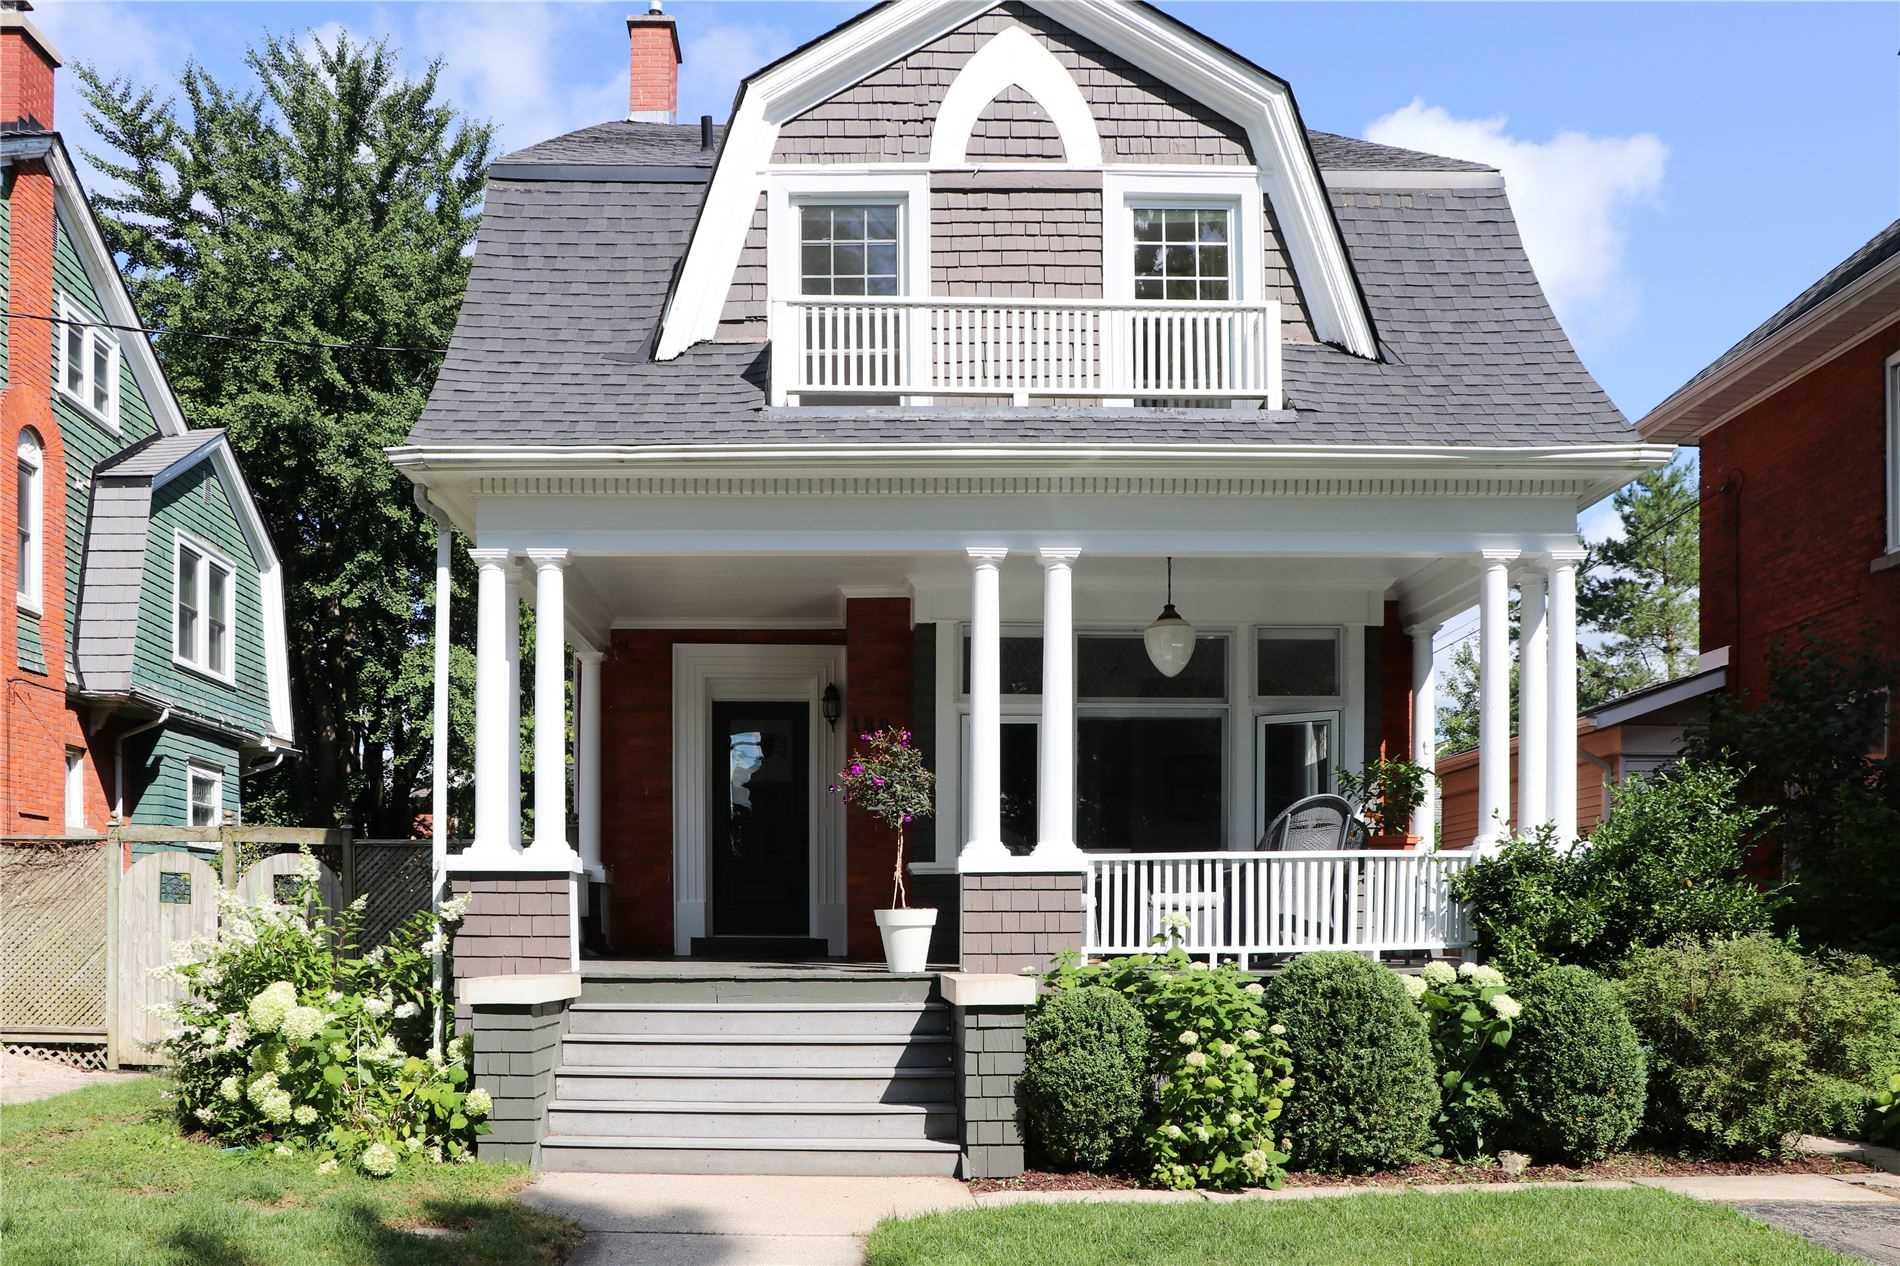 180 Elizabeth St, Stratford, Ontario N5A 4Z3, 4 Bedrooms Bedrooms, ,5 BathroomsBathrooms,Detached,For Sale,Elizabeth,X4693959